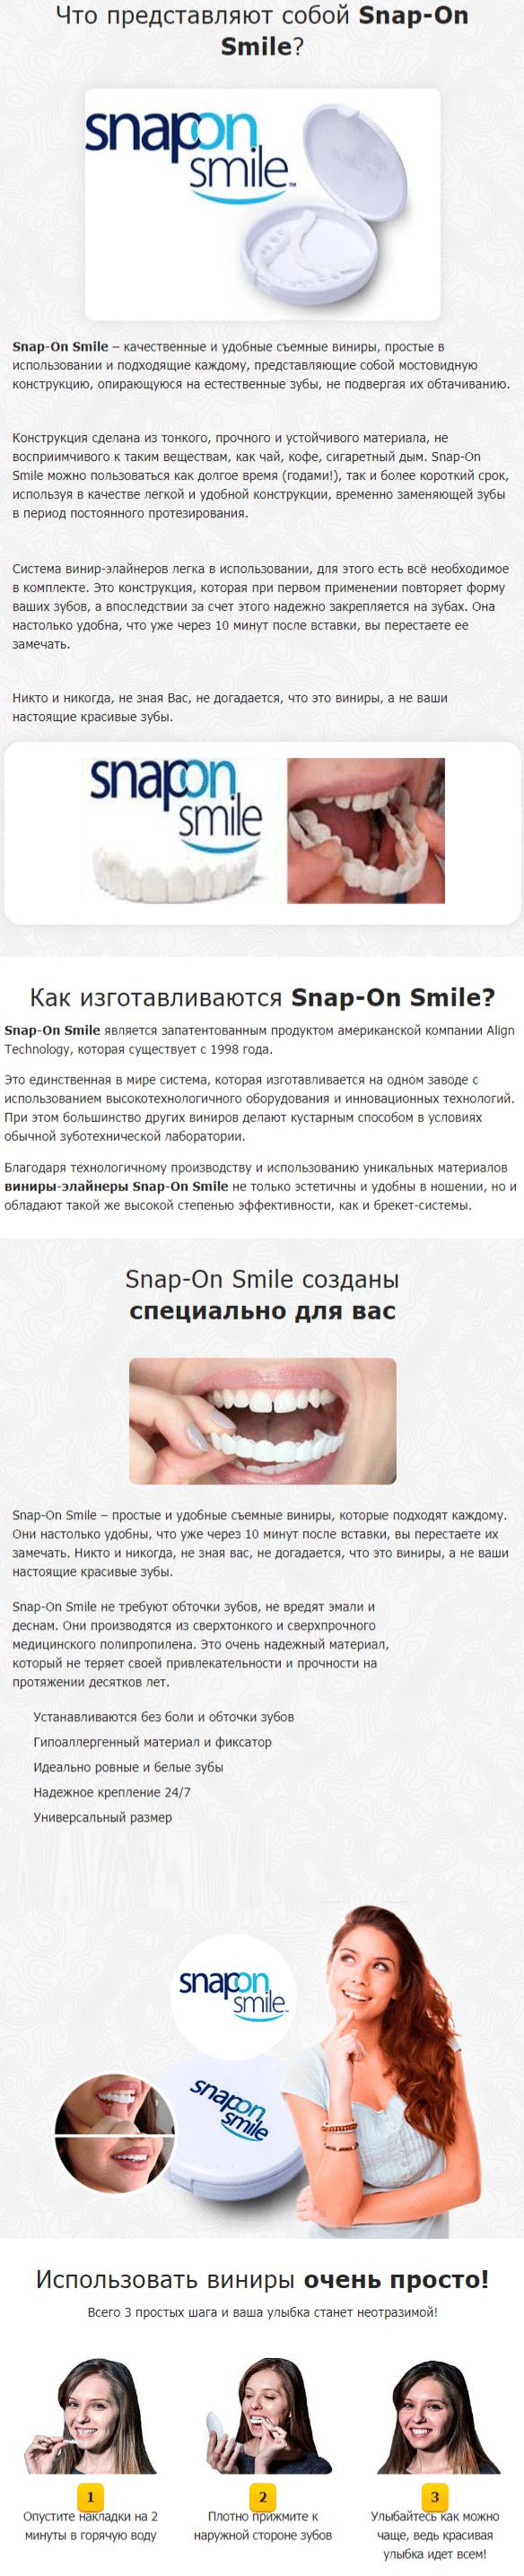 Snap-On Smile — съемные виниры для красивой улыбки купить